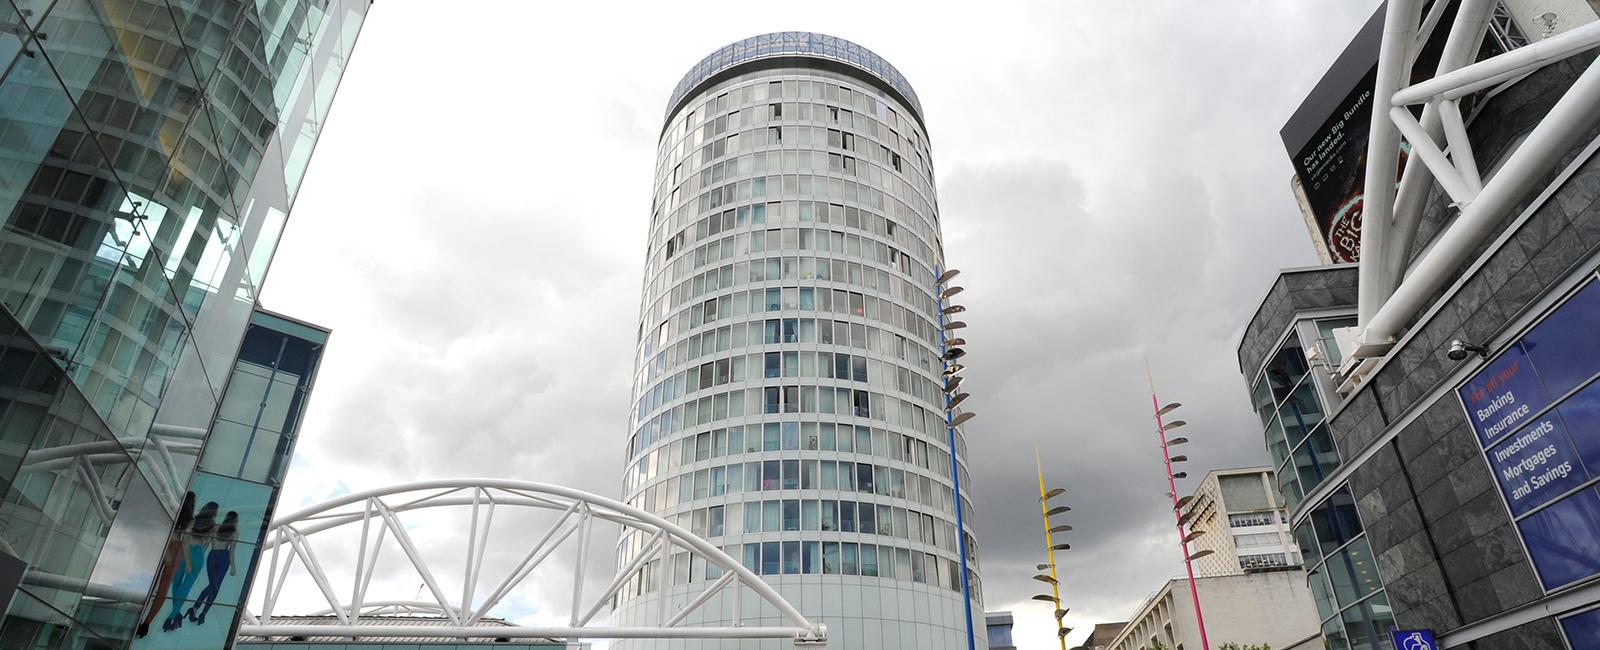 Rotunda Birmingham